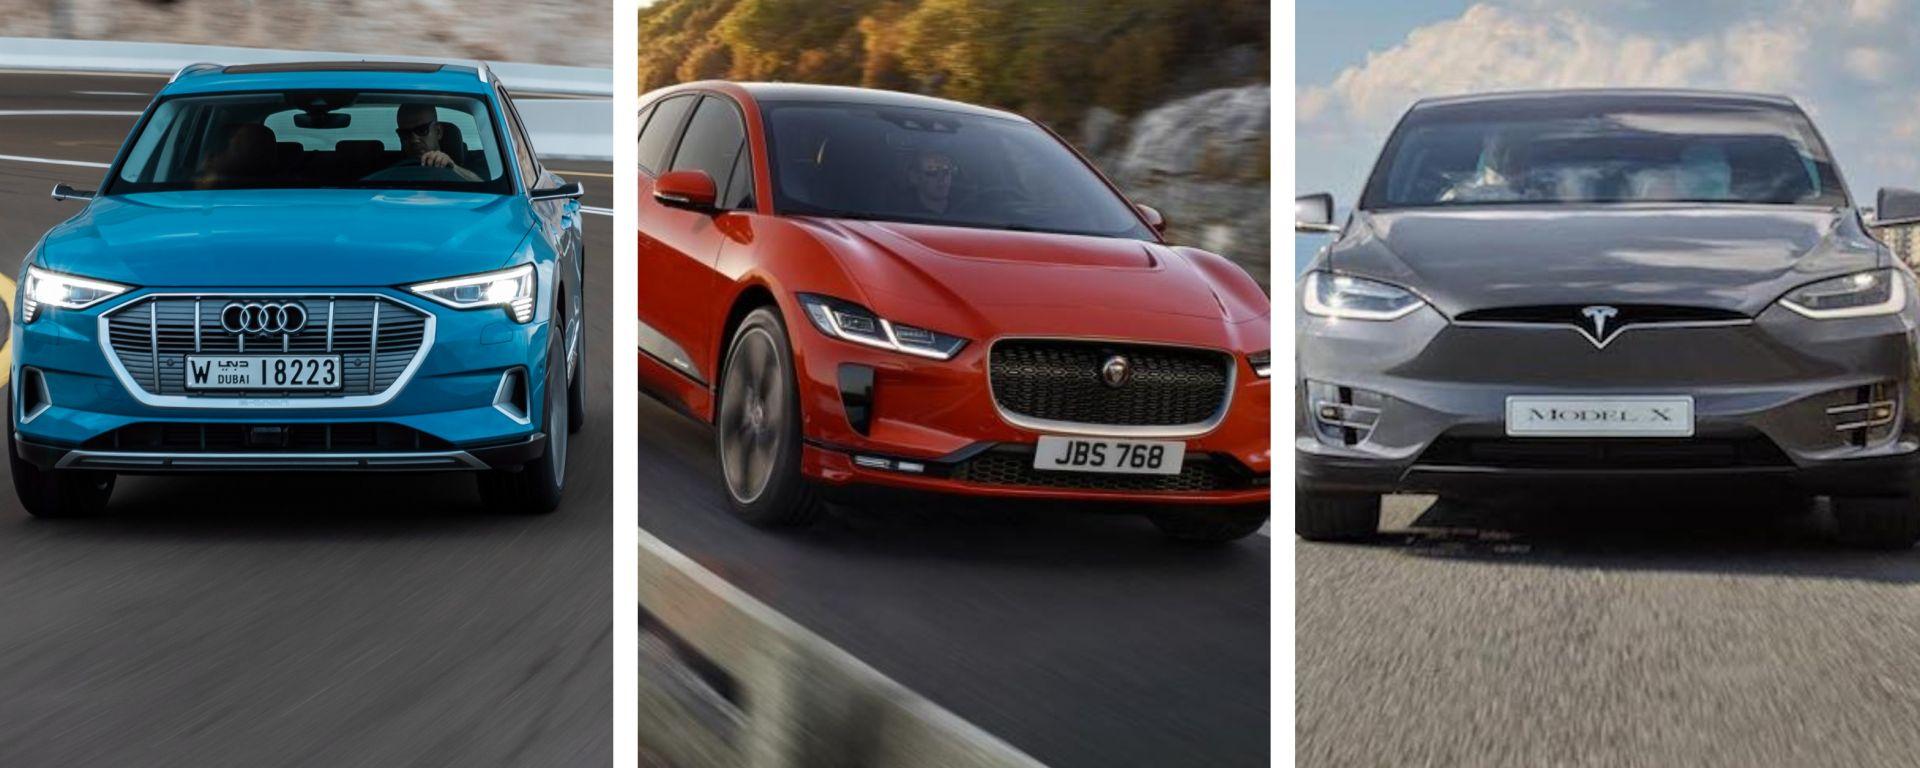 Audi e-tron - Jaguar i-Pace - Tesla Model X